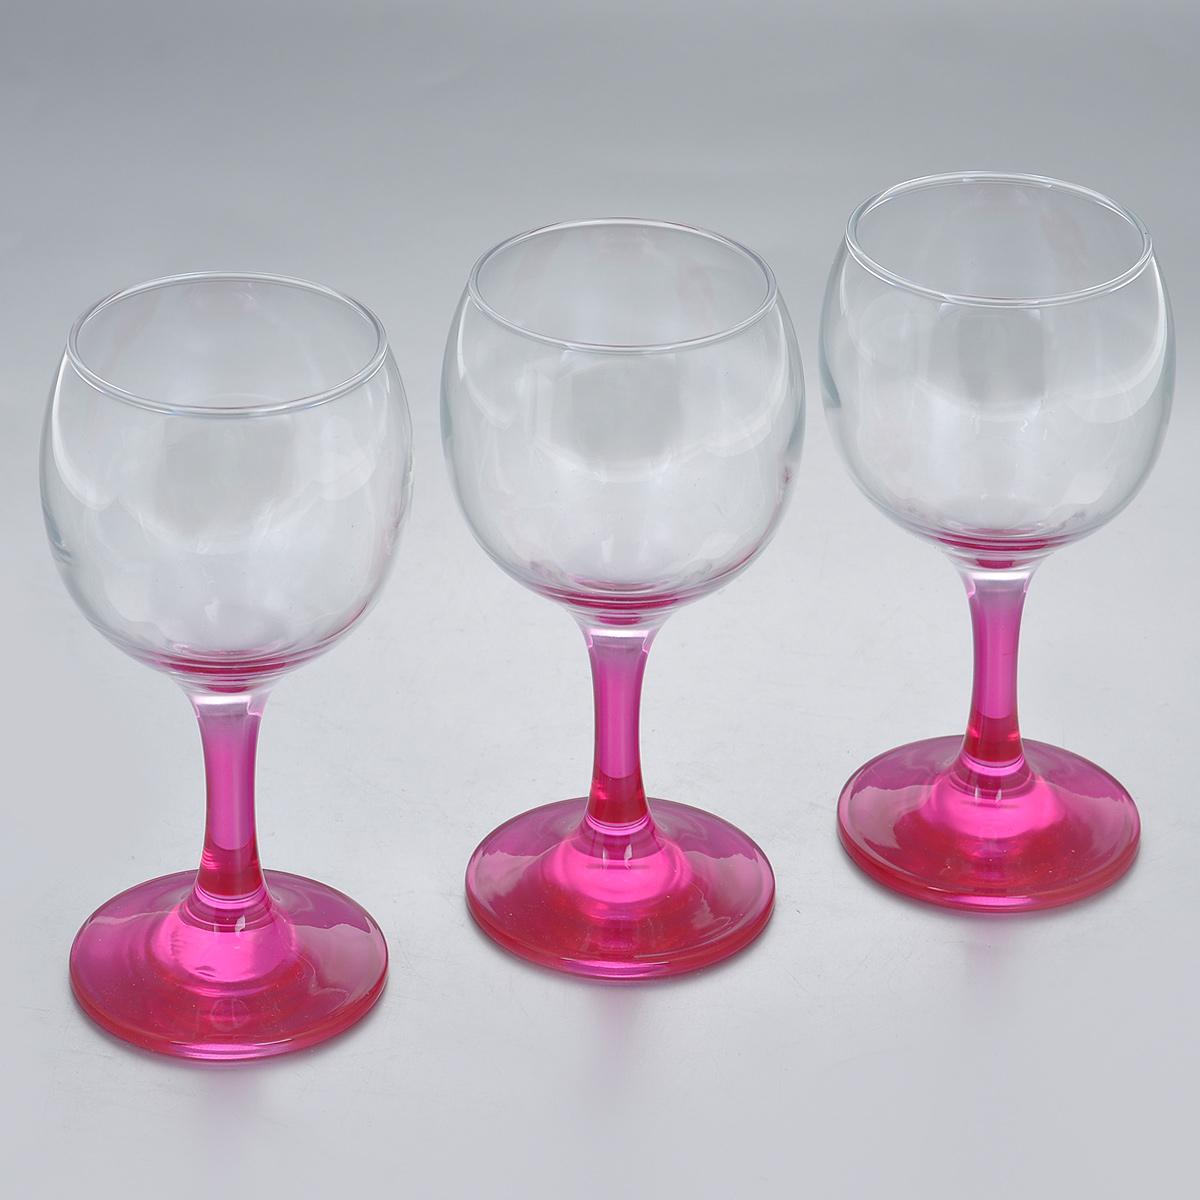 Набор фужеров Glass4you, цвет: фуксия, 220 мл, 3 шт44412F/Набор Glass4you состоит из трех фужеров, выполненных из прочного натрий-кальций-силикатного стекла. Изделия имеют тонкие высокие цветные ножки. Фужеры излучают приятный блеск и издают мелодичный звон. Предназначены для подачи вина. Набор фужеров Glass4you прекрасно оформит праздничный стол и станет хорошим подарком к любому случаю. Можно мыть в посудомоечной машине. Диаметр фужера (по верхнему краю): 6,6 см. Высота фужера: 14,5 см. Диаметр основания: 6,4 см.